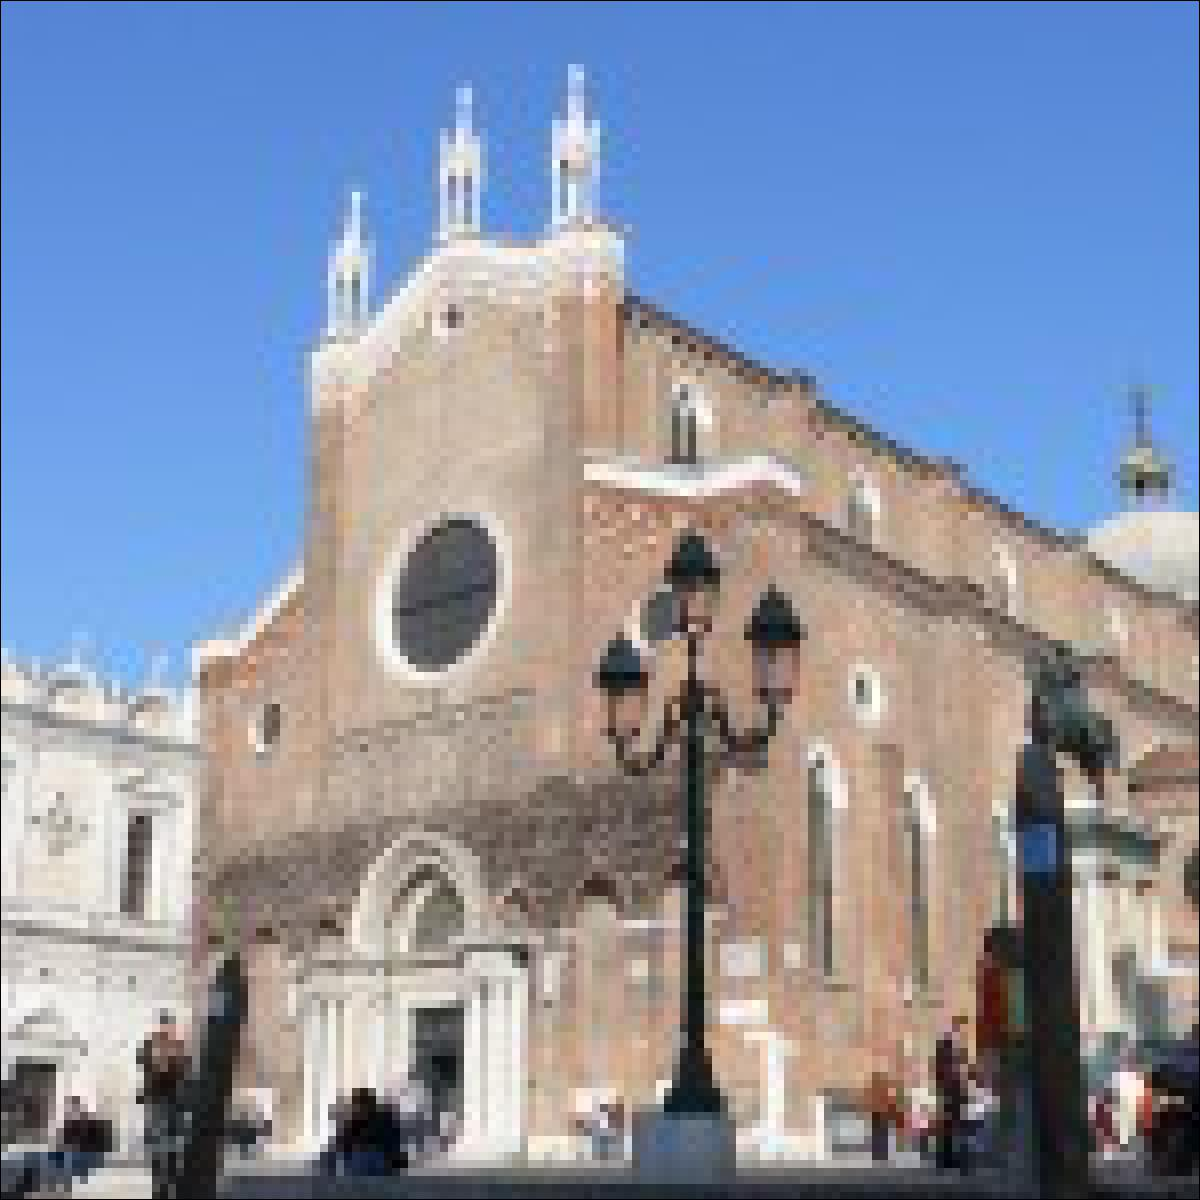 Die Kirche Santa Maria Gloriosa dei Frari